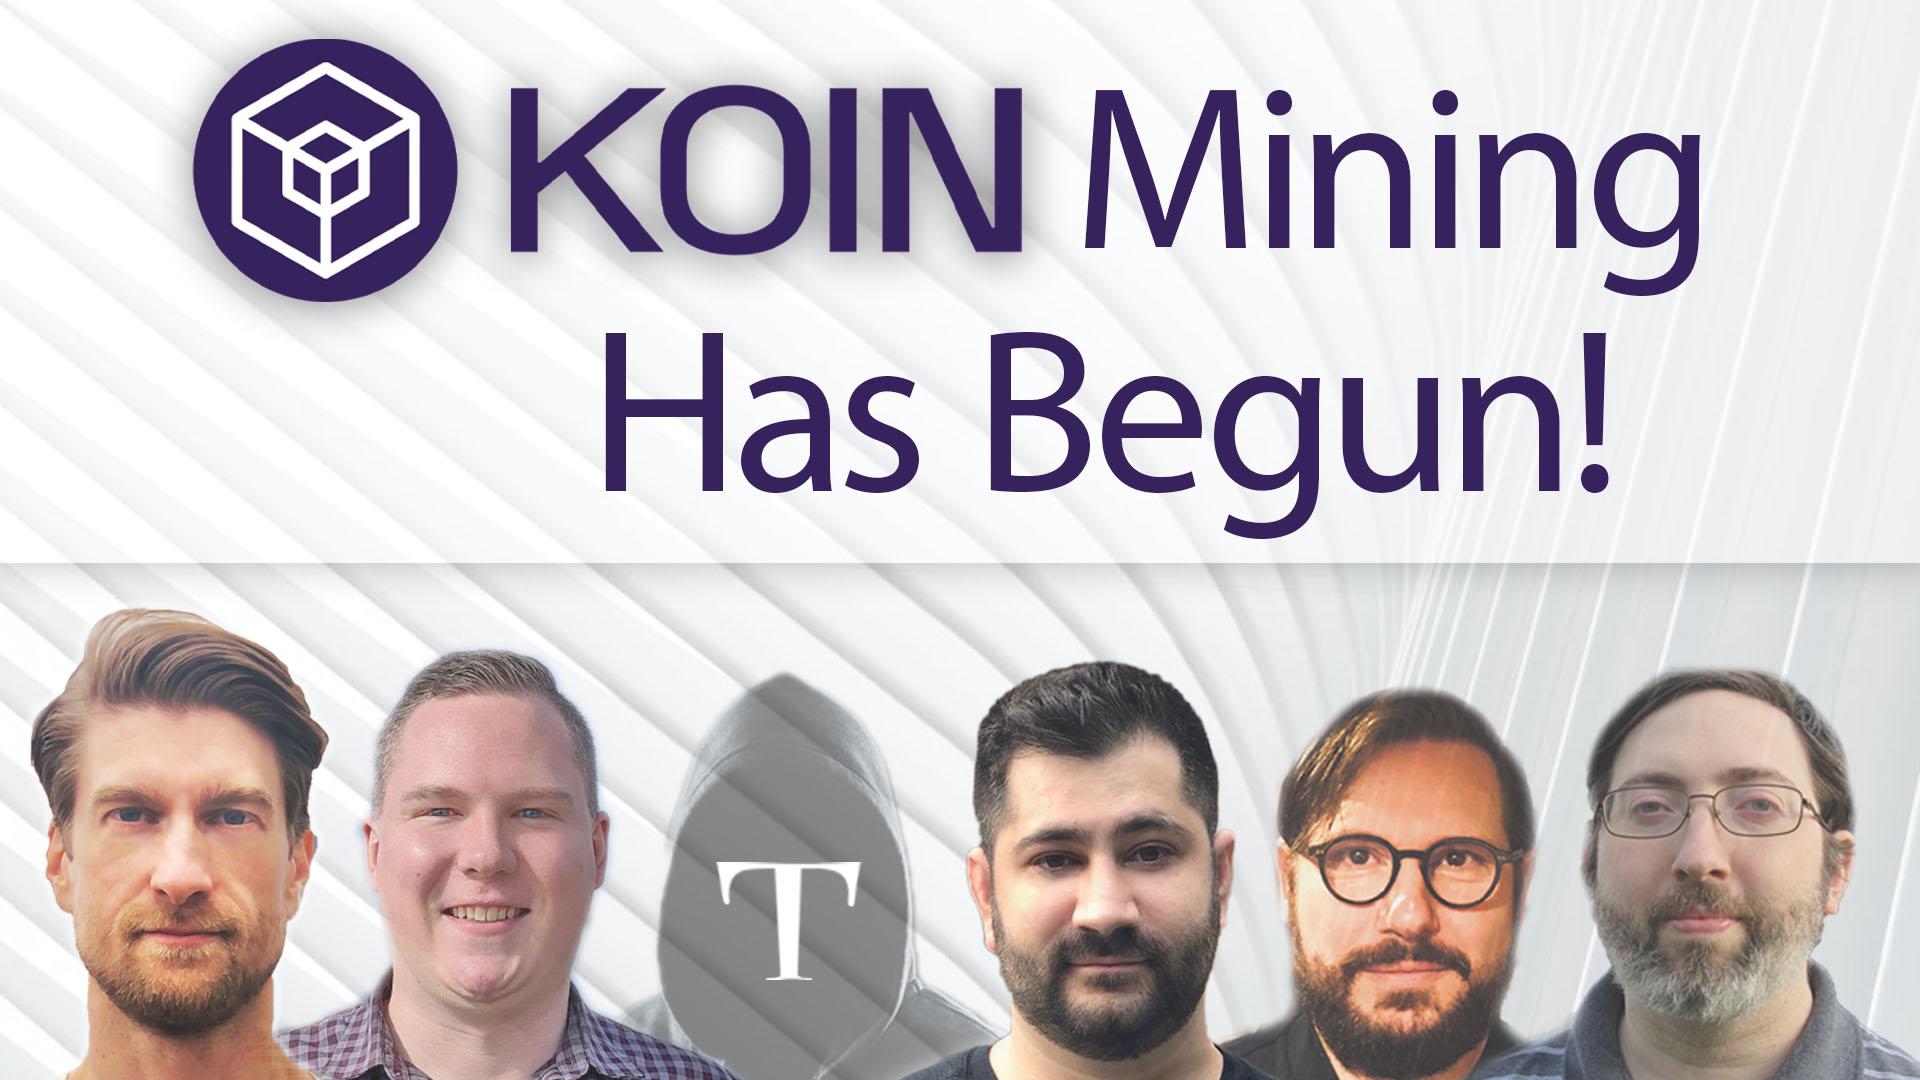 KOIN mining has begun.jpg